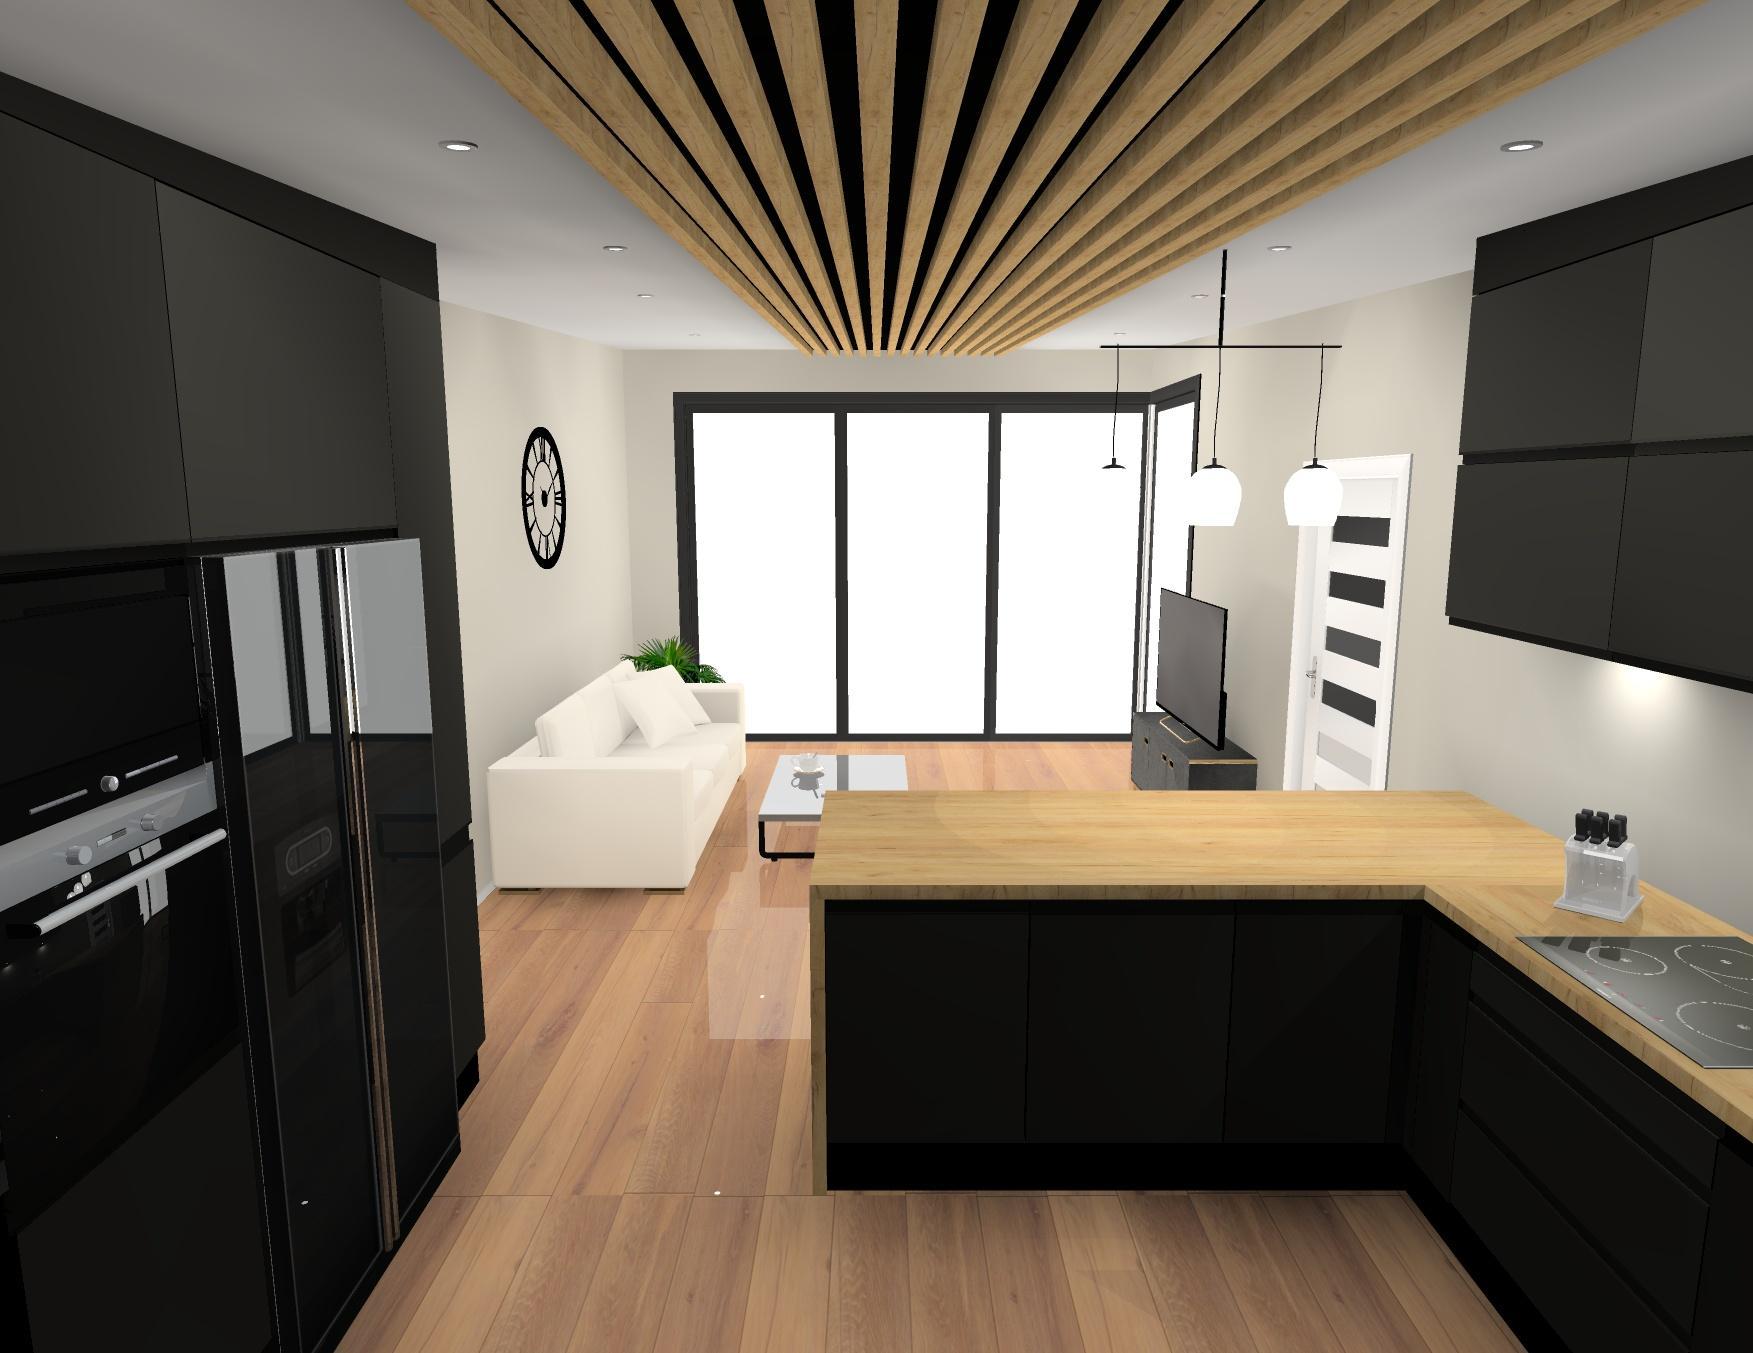 Černou nebo kombinaci s dřevem? Za mě černá... Kvůli podlaze a stropu :) - Obrázek č. 1